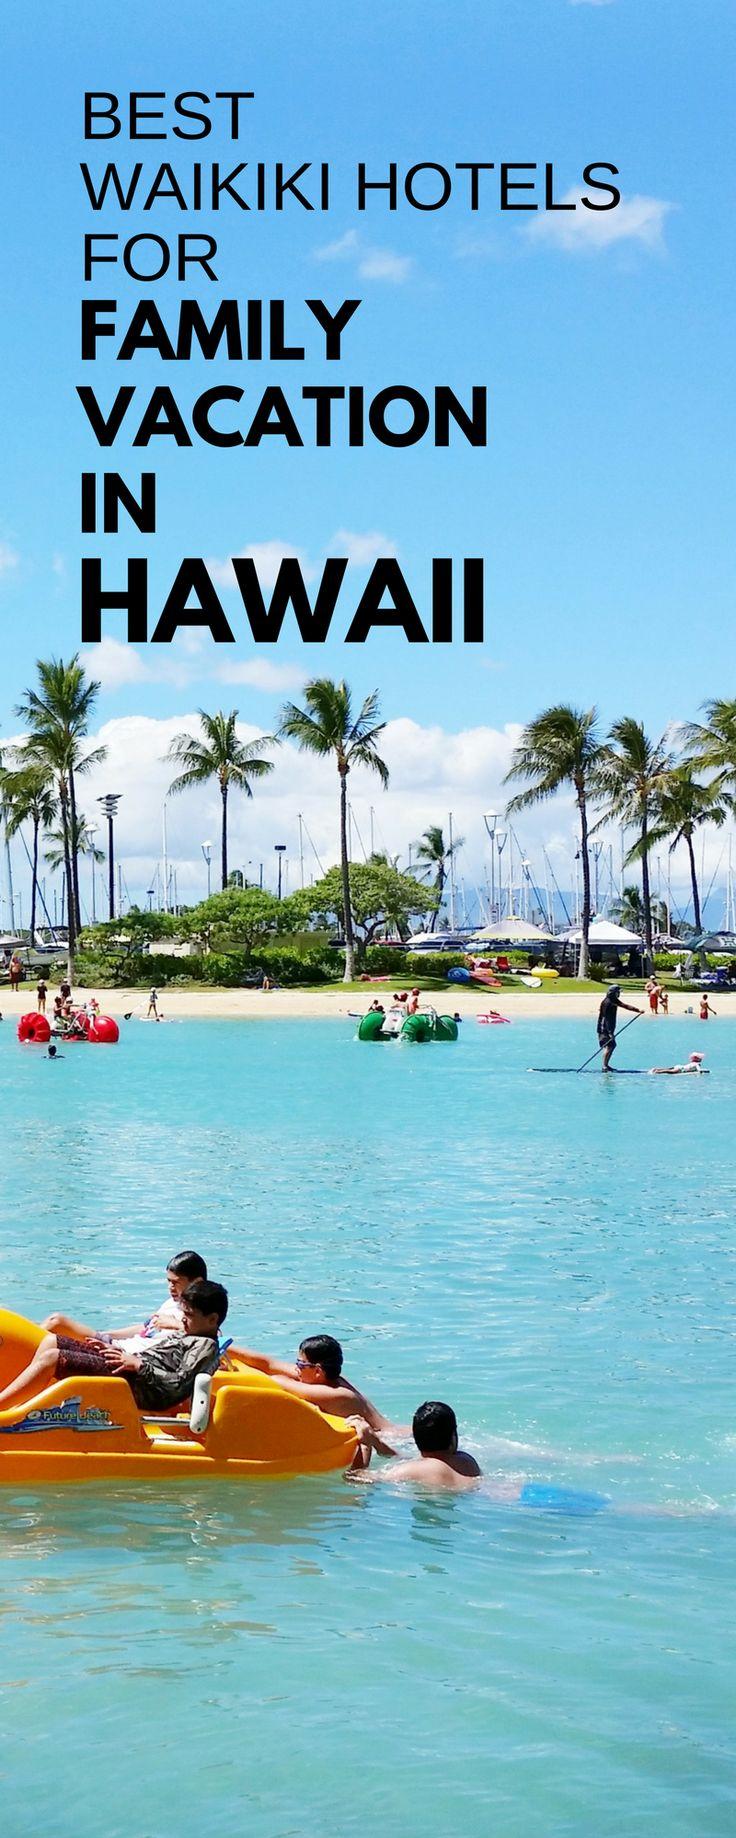 from Juan gay family hawaiian vacations